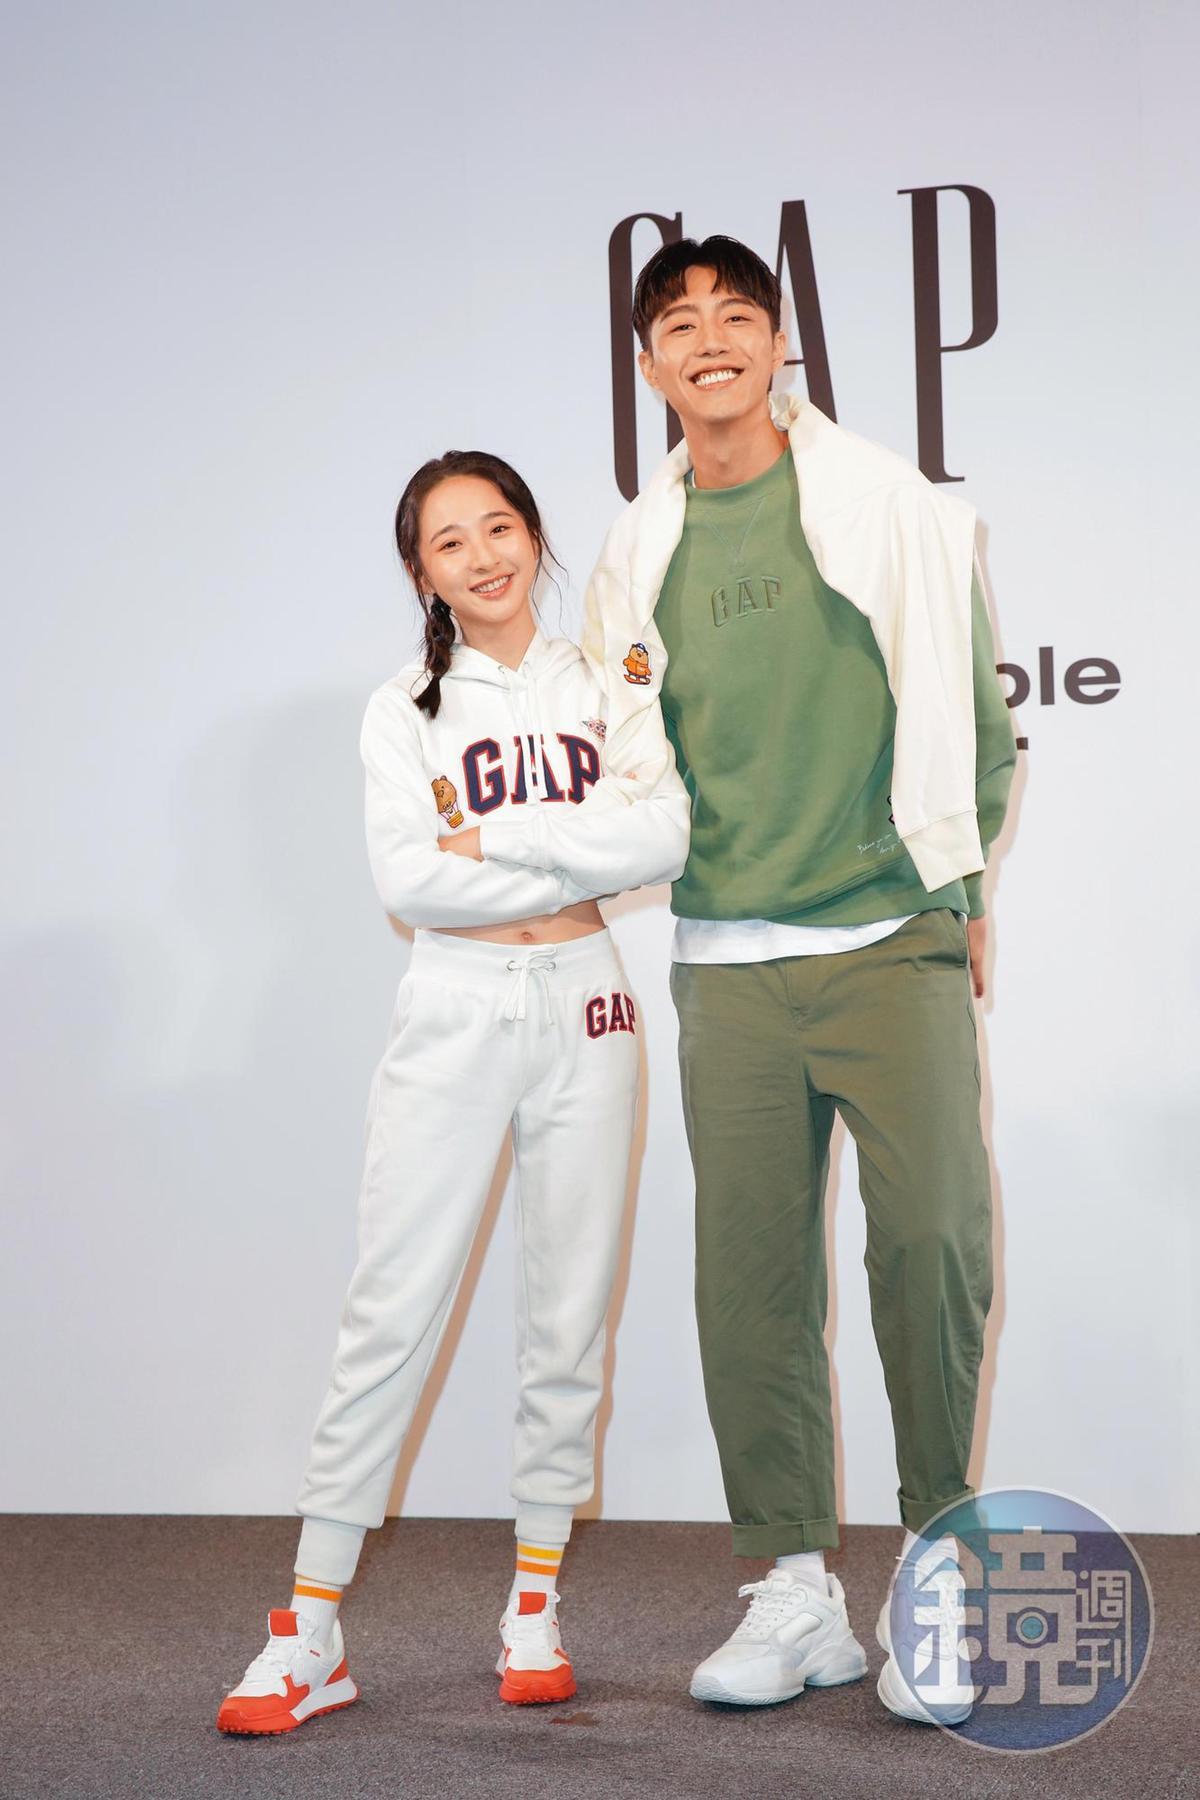 蔡凡熙自曝腿短,可不是說說而已,照片看來腿長竟然跟小隻的李沐差不多。